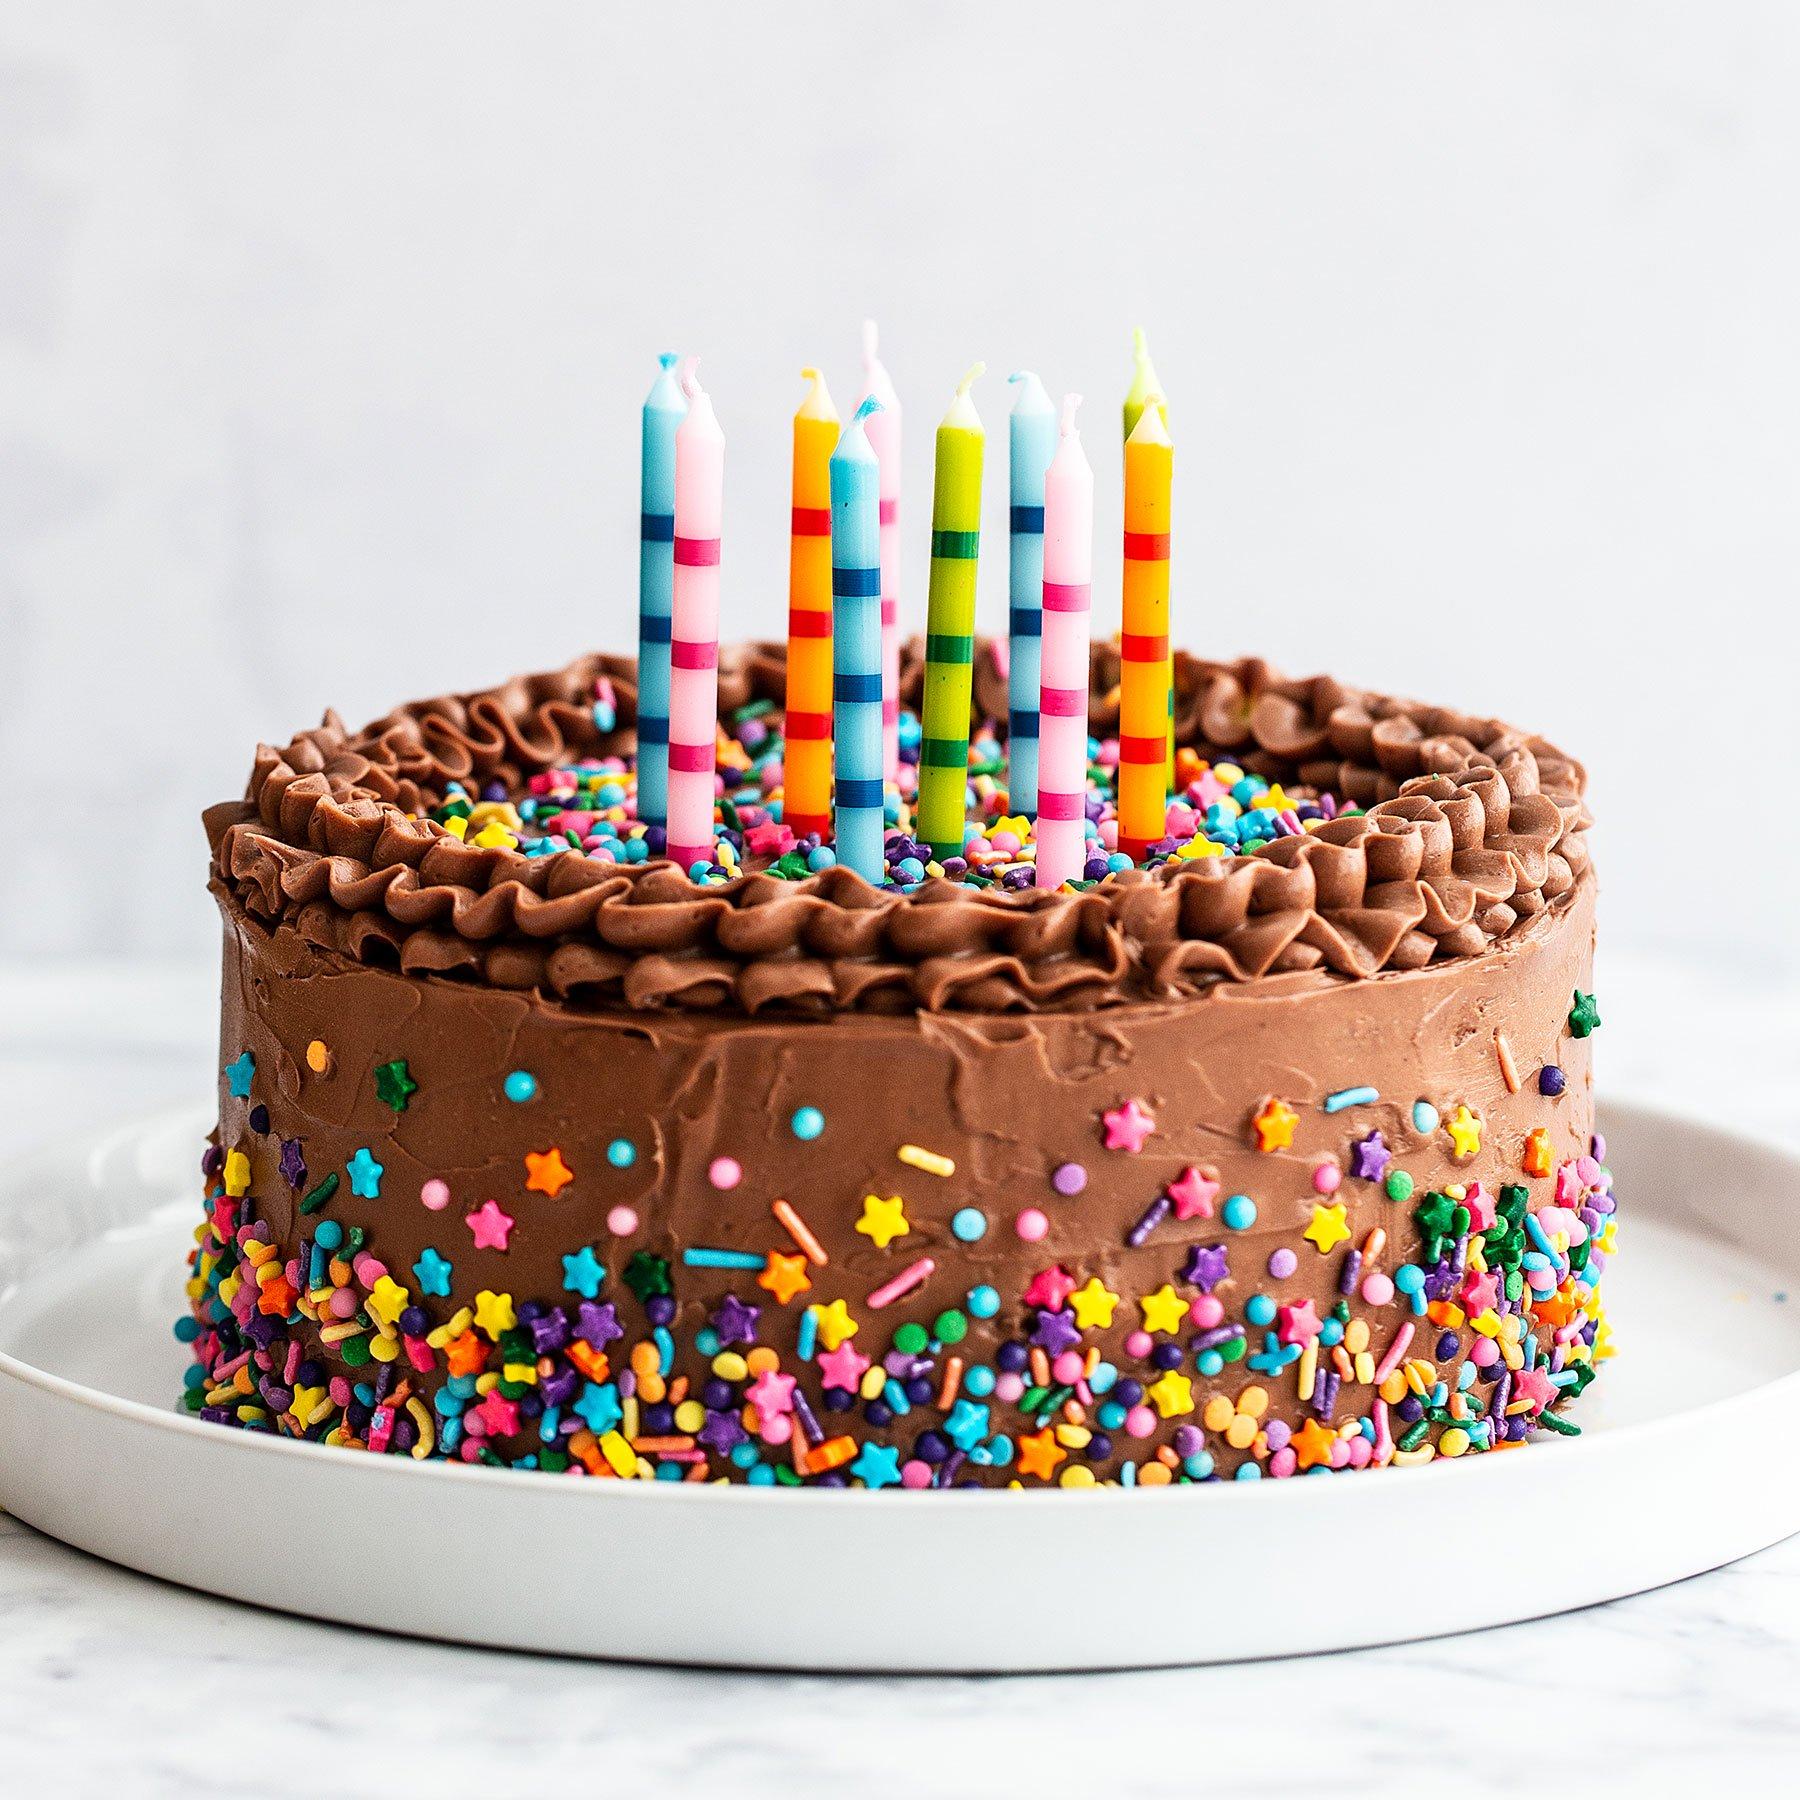 اجمل صور تورتة عيد ميلاد مكتوب عليها اسماء 2020